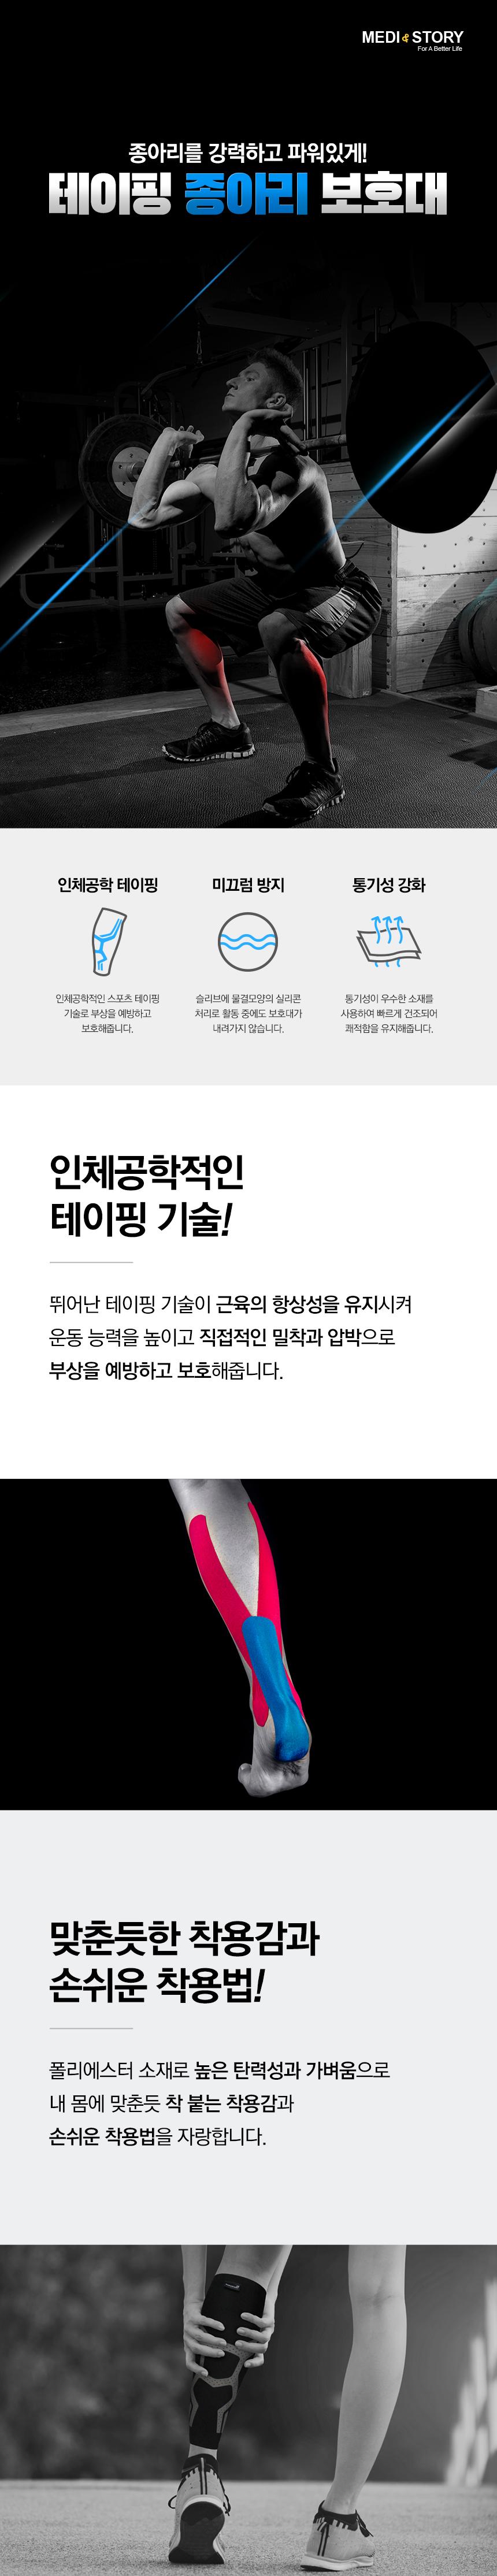 메디앤스토리 테이핑 종아리보호대 - 메디앤스토리, 15,900원, 스포츠용품, 보호장구